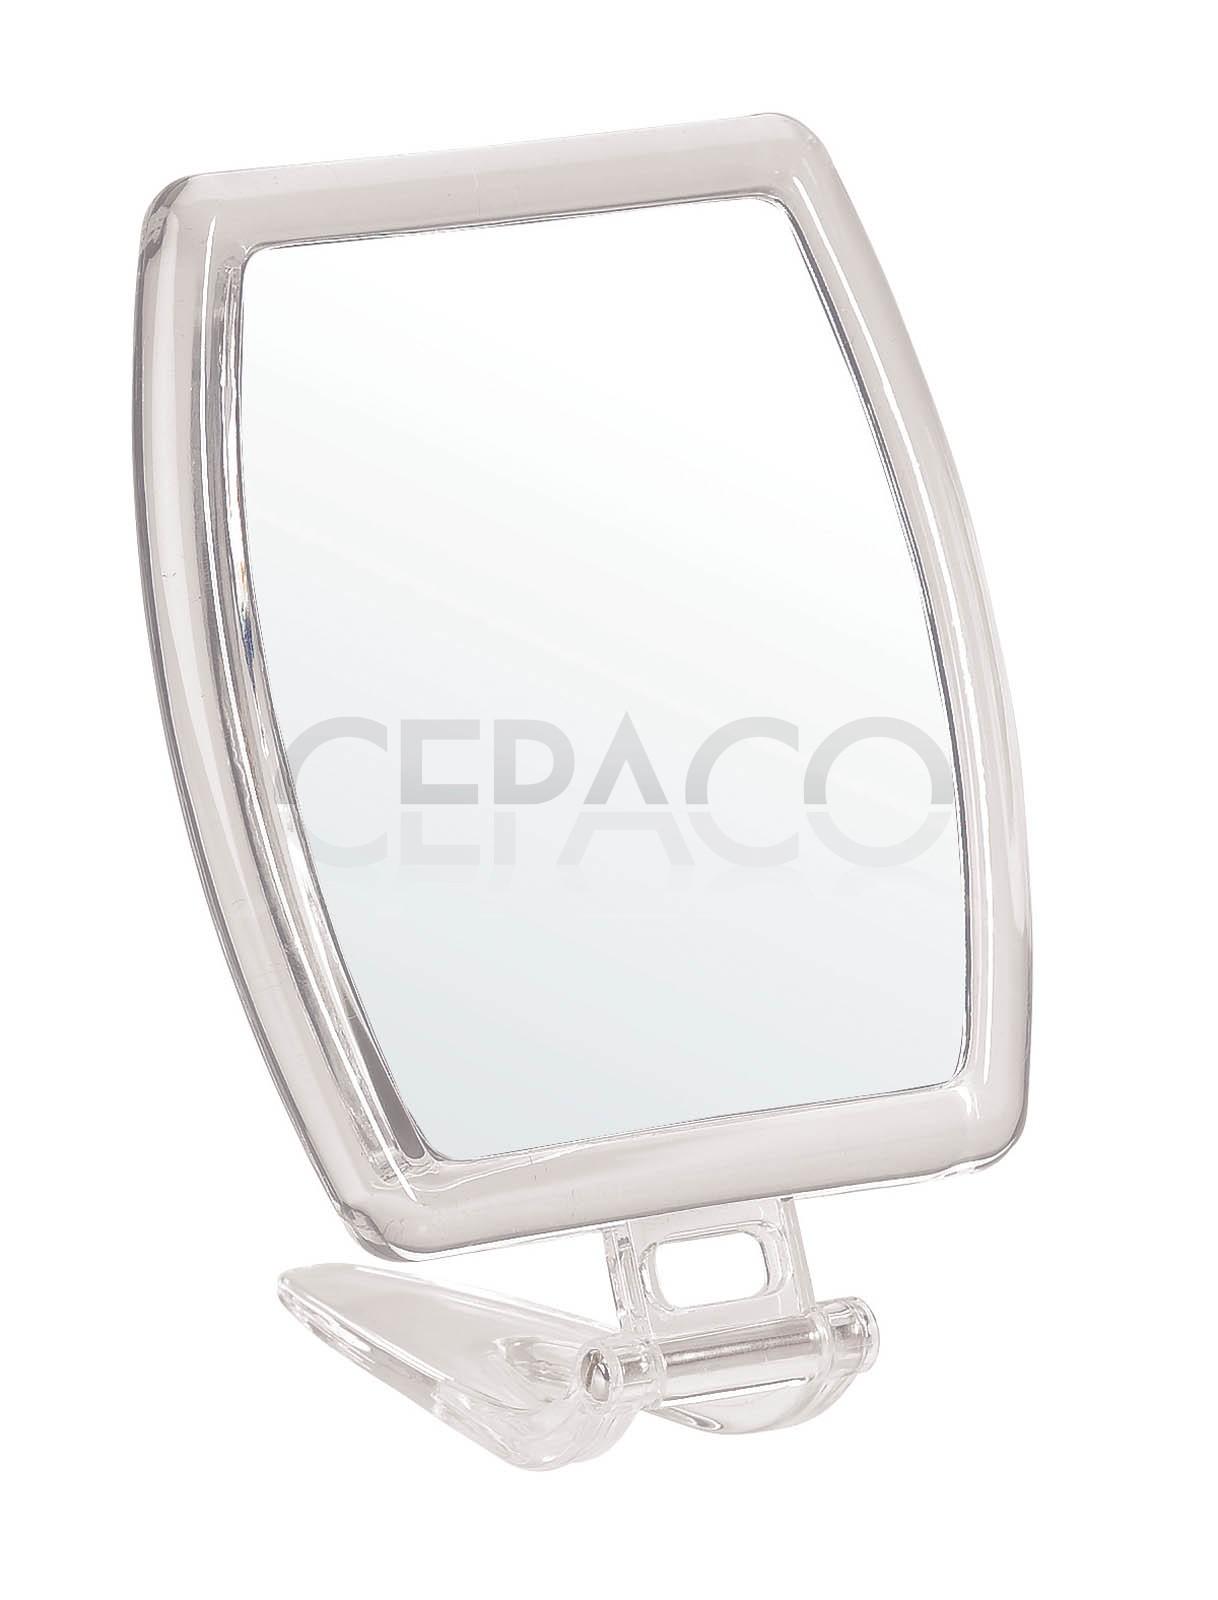 Miroir acrylique double face 15 7x13 5cm cepaco le for Double face pour miroir